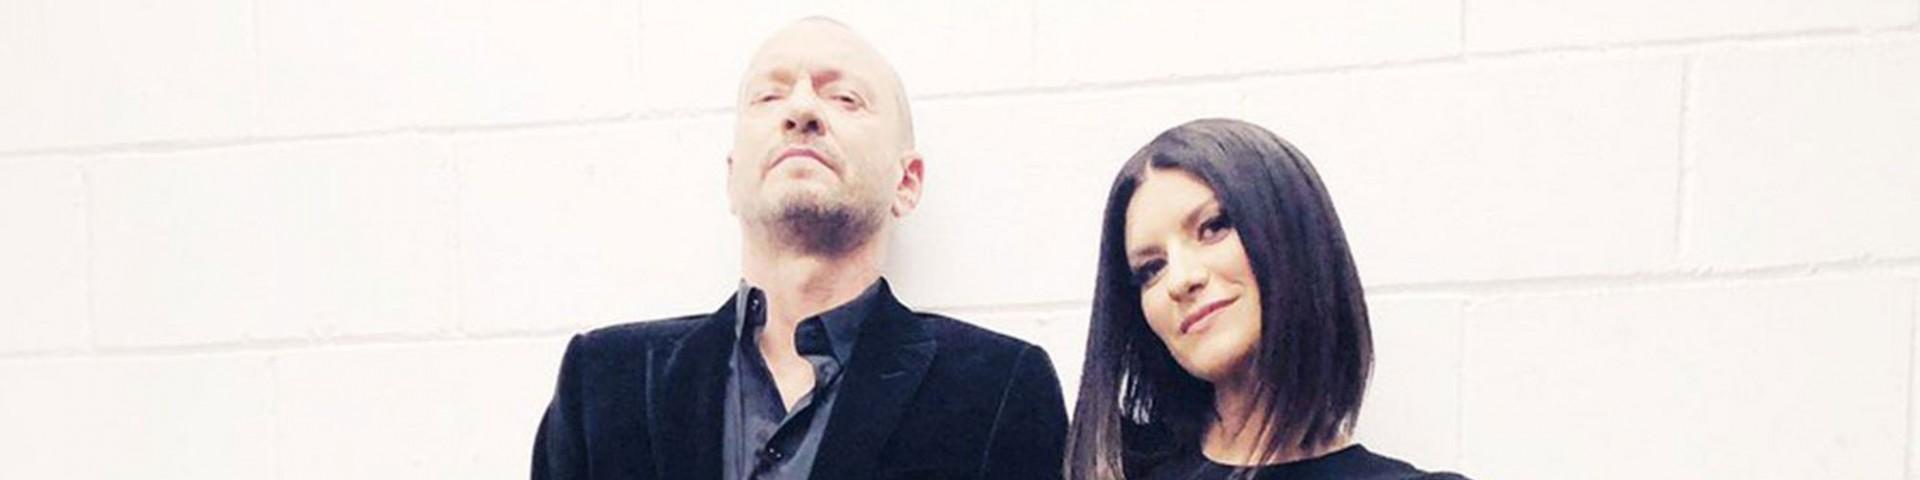 Laura Pausini e Biagio Antonacci, diffuso illegalmente il nuovo singolo: la reazione della cantante